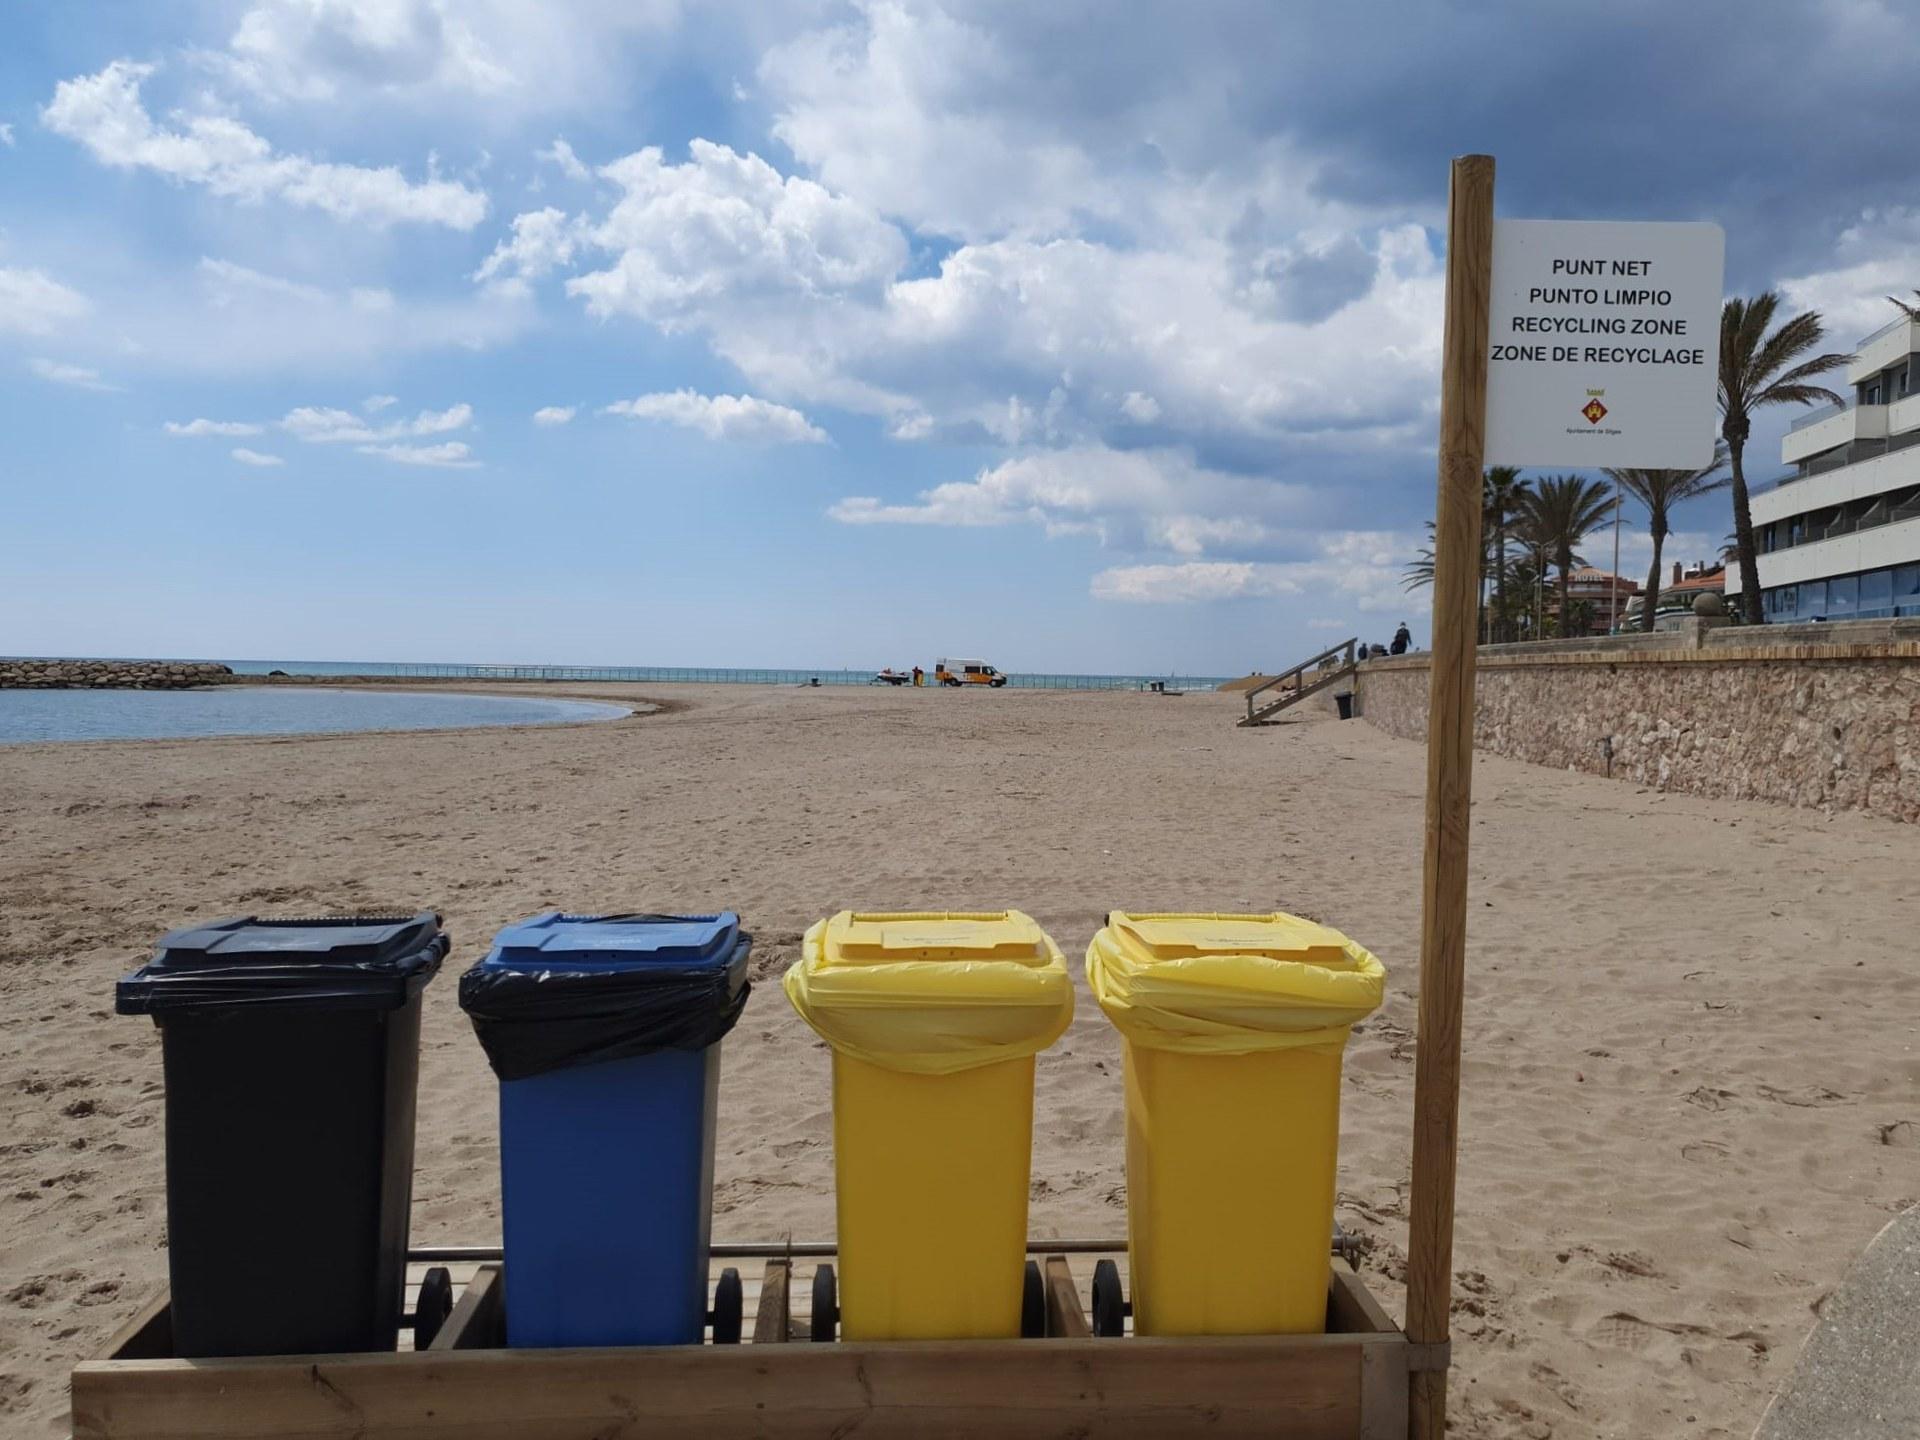 Un dels punts nets que hi ha a les platges de Sitges